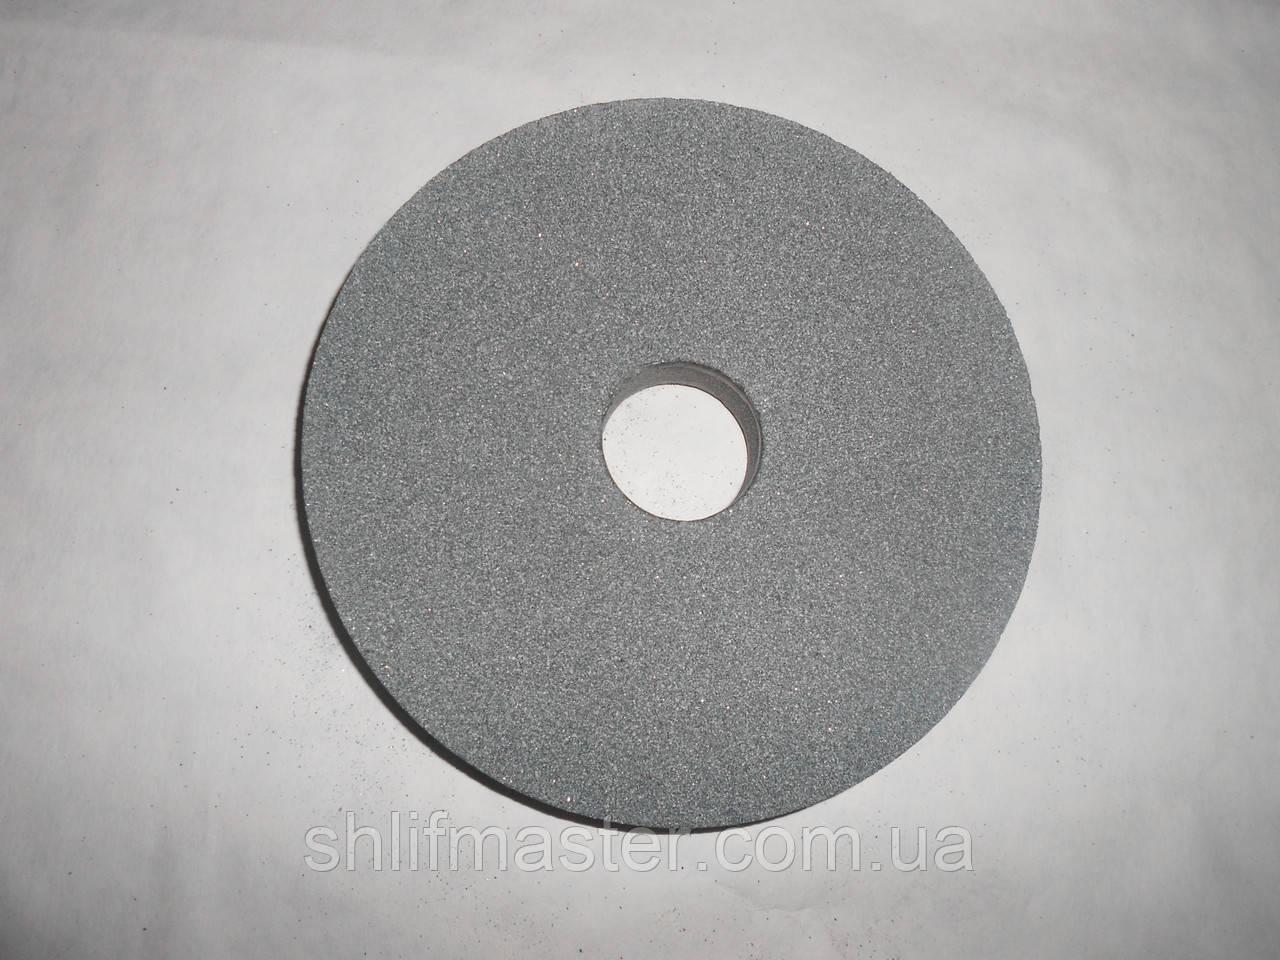 Круг абразивный шлифовальный из карбида кремния 64С (зеленый) 175х10х32 40 СМ1